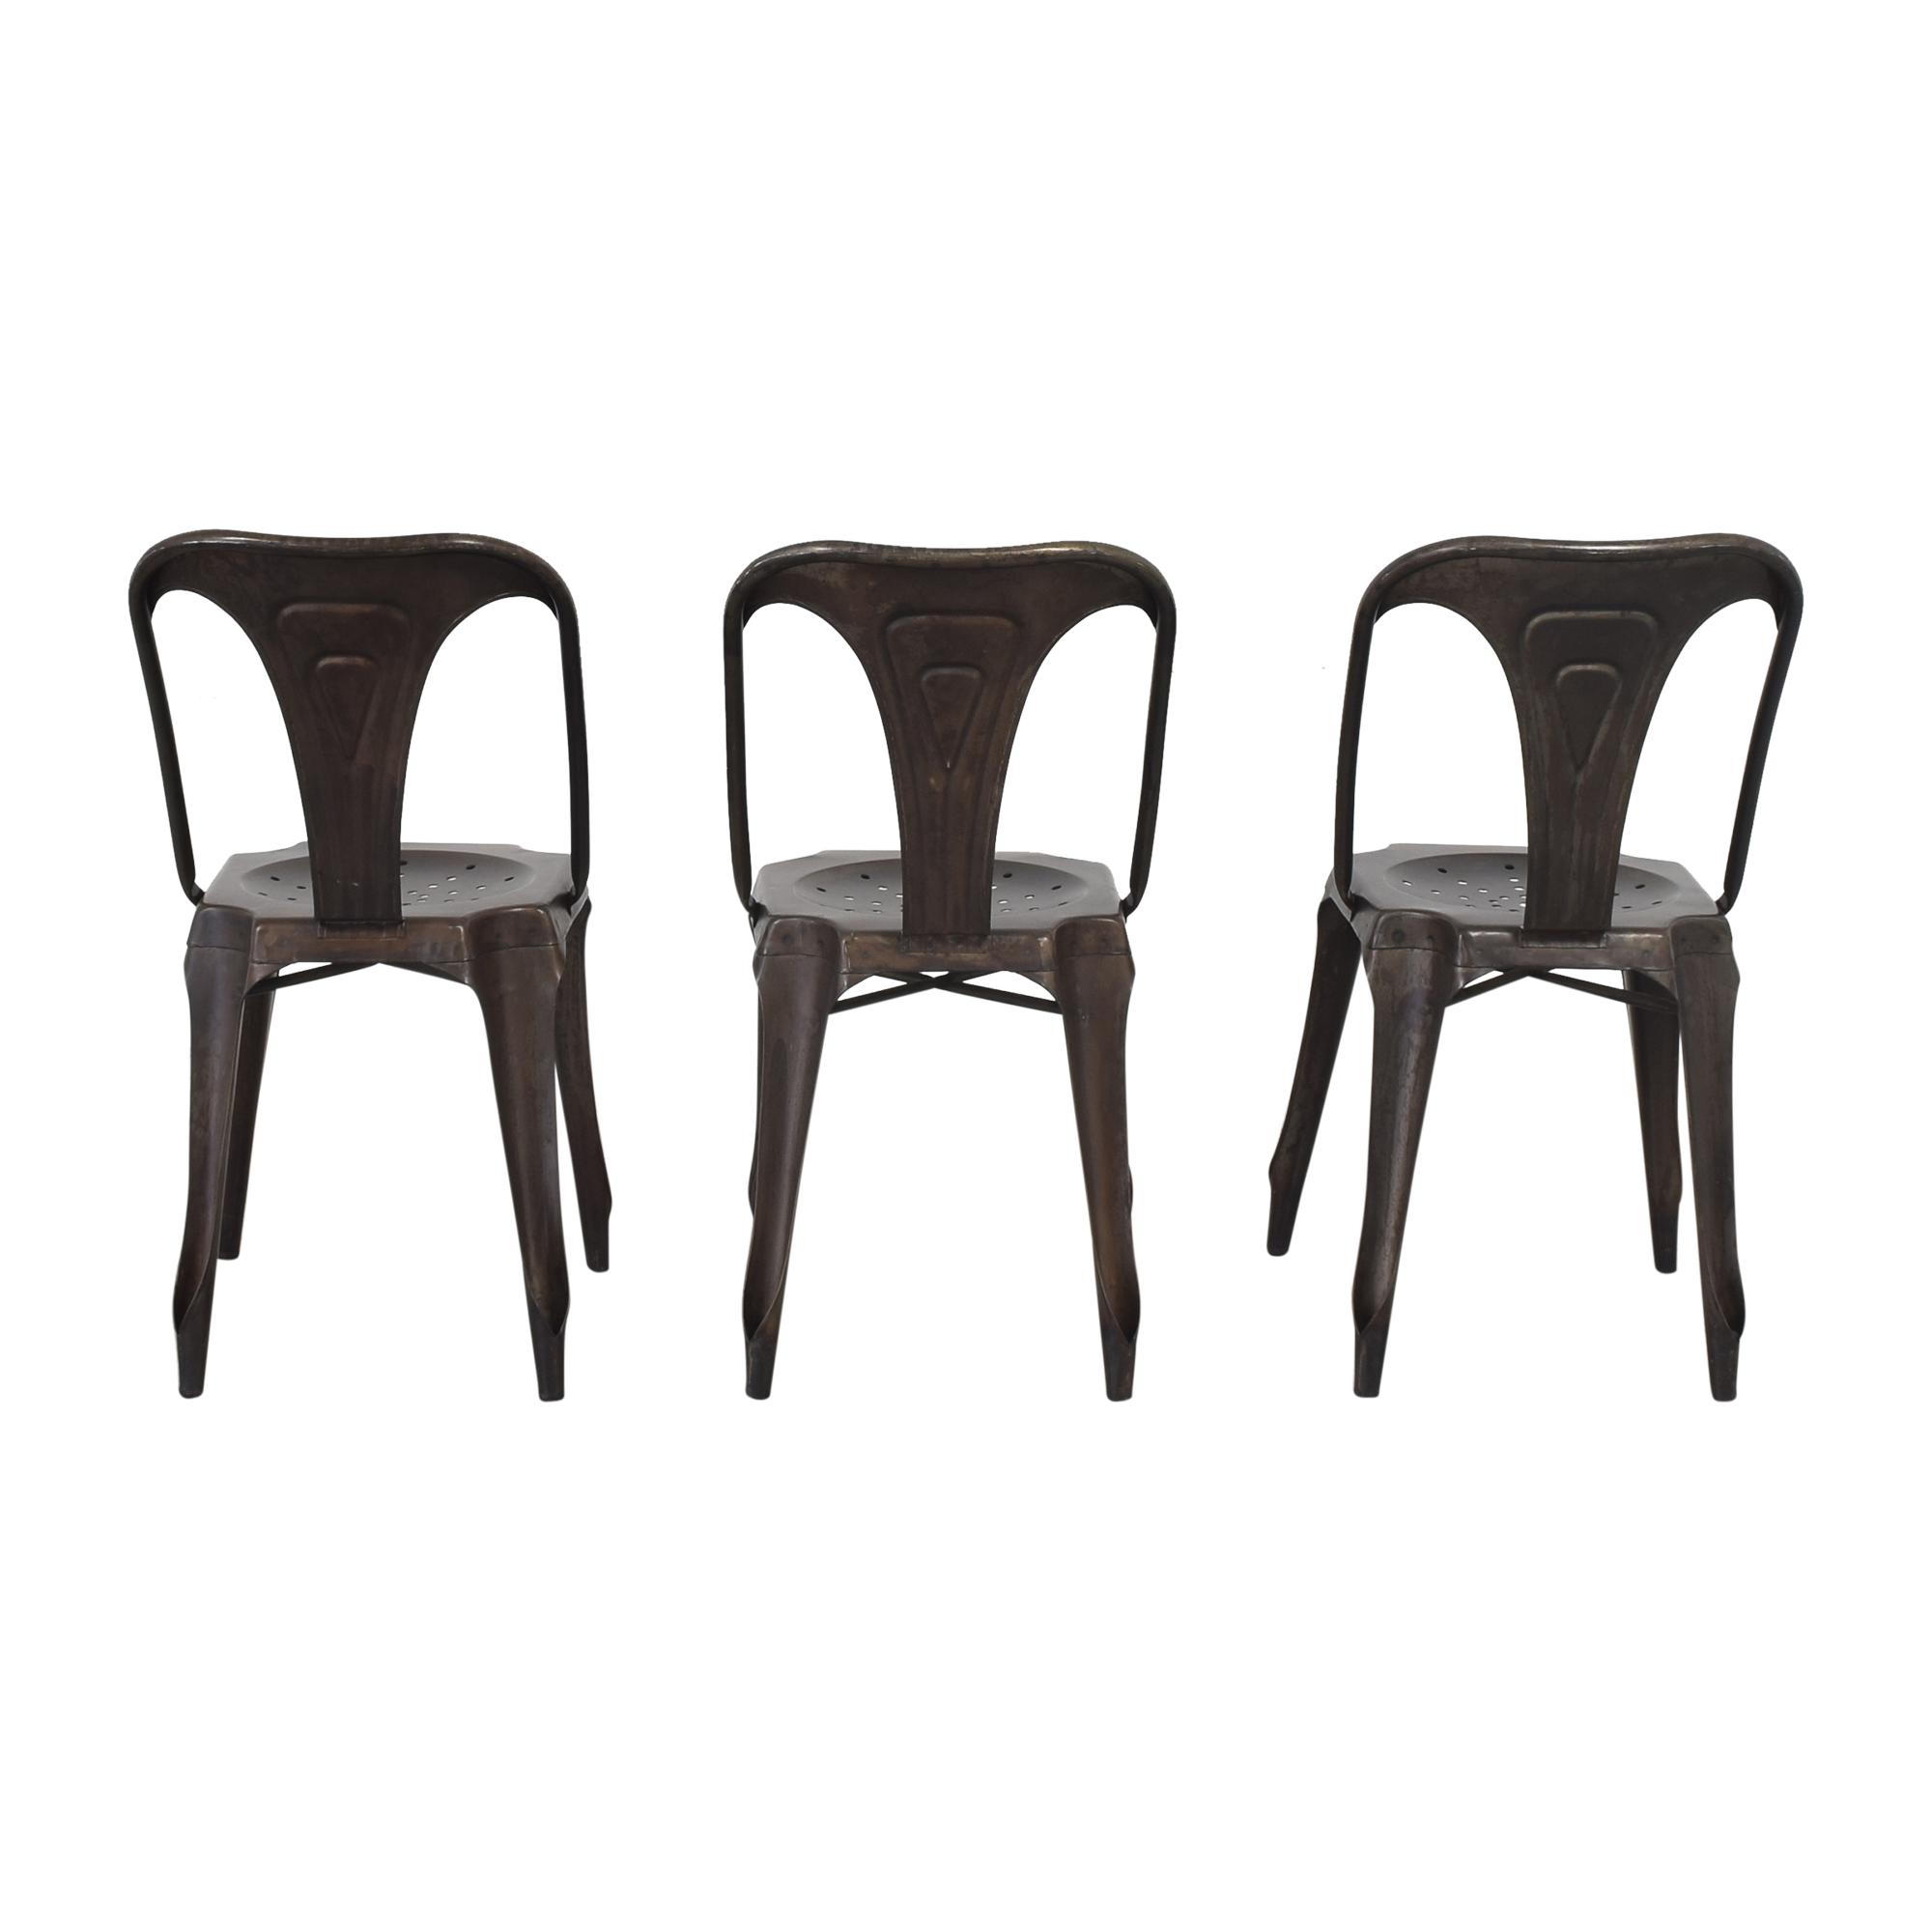 Maison du Monde Maison du Monde MULTIPL's Industrial Chairs nyc